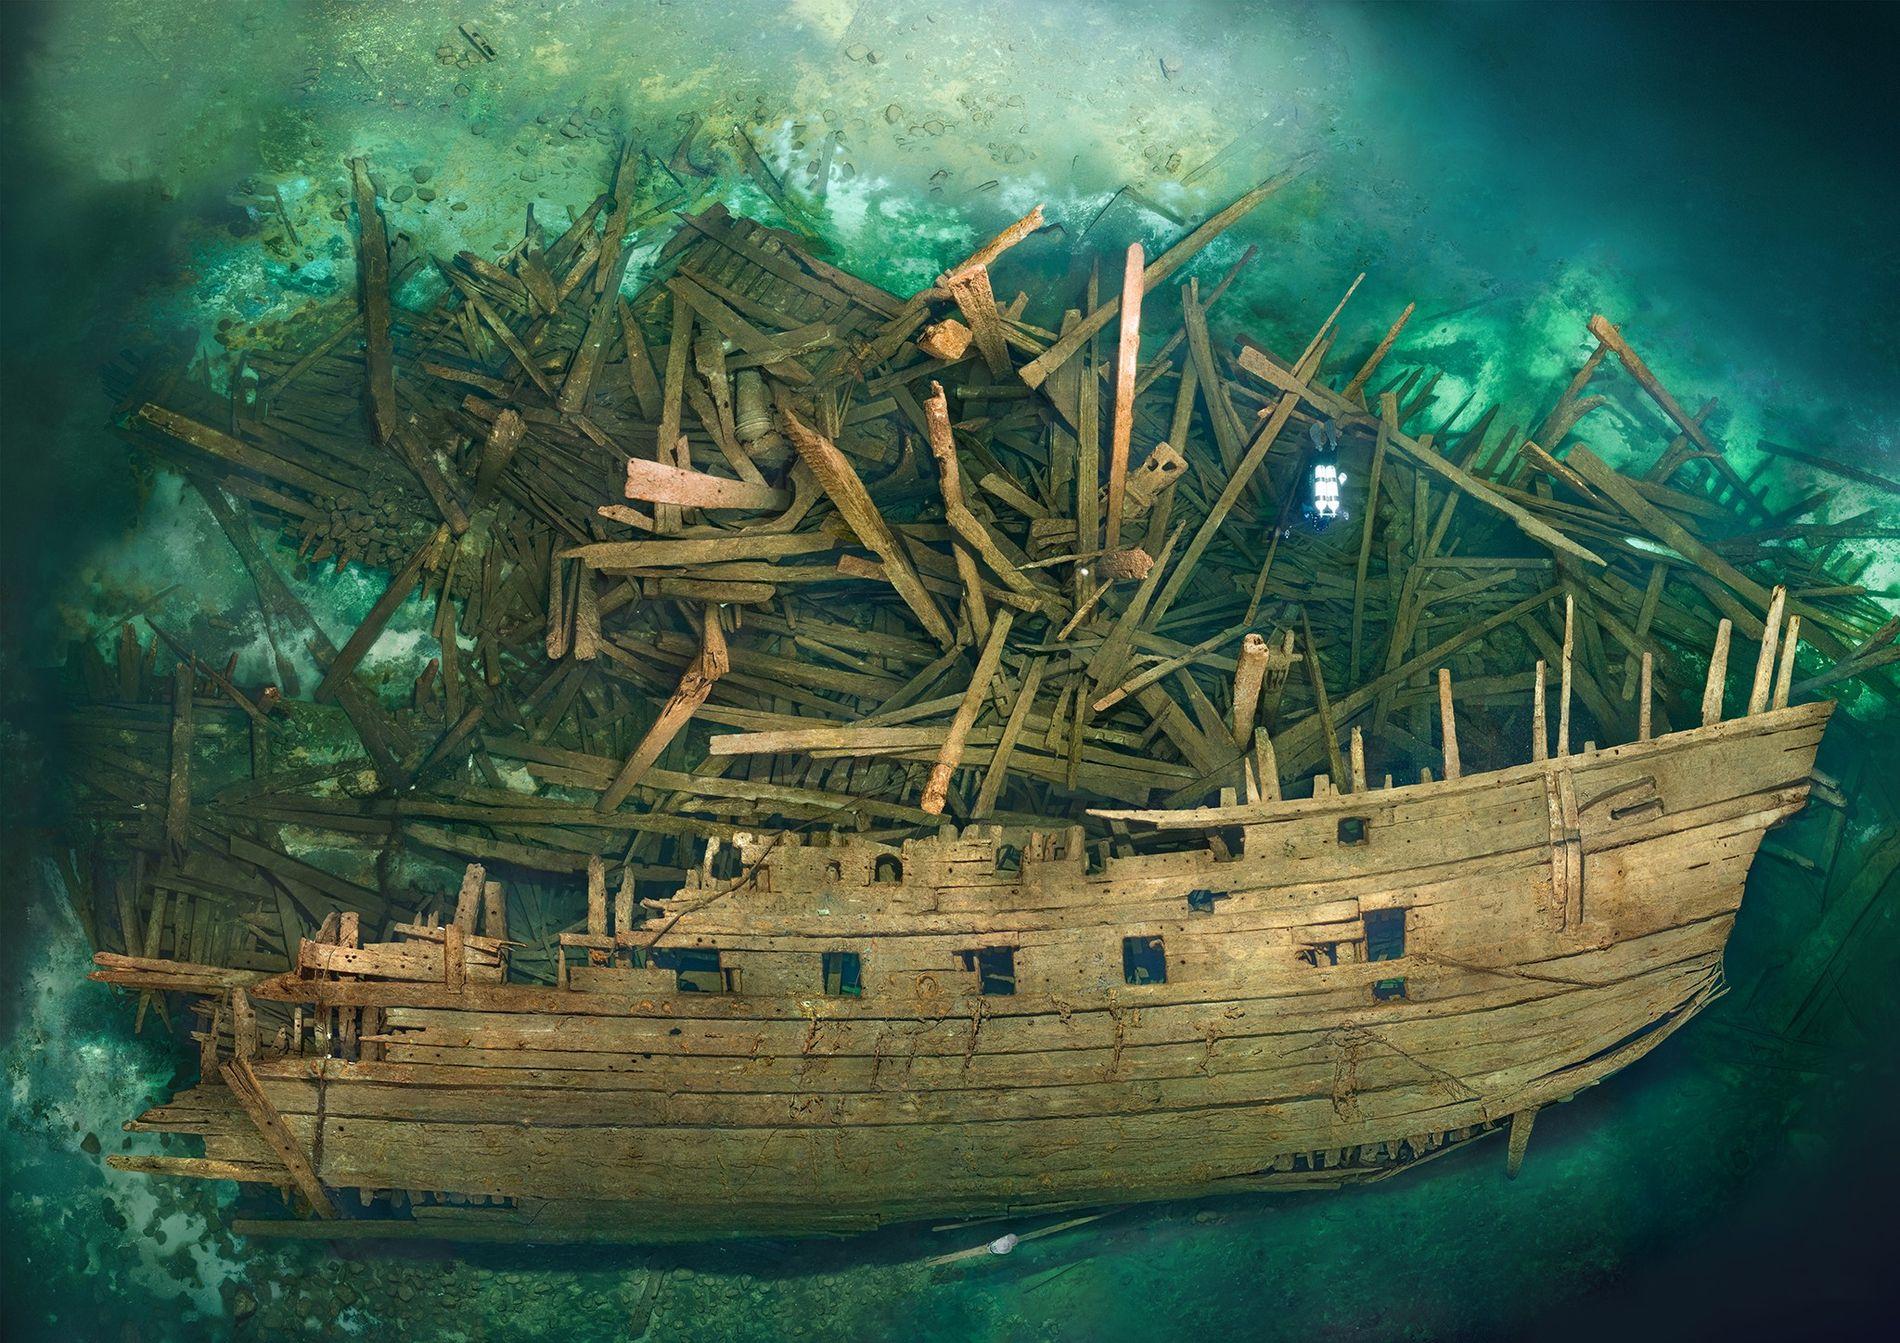 Le navire Mars se trouve dans les profondeurs de la mer Baltique, où il a coulé lors d'une bataille navale en 1564. En haut à droite, un plongeur donne une idée de l'échelle.